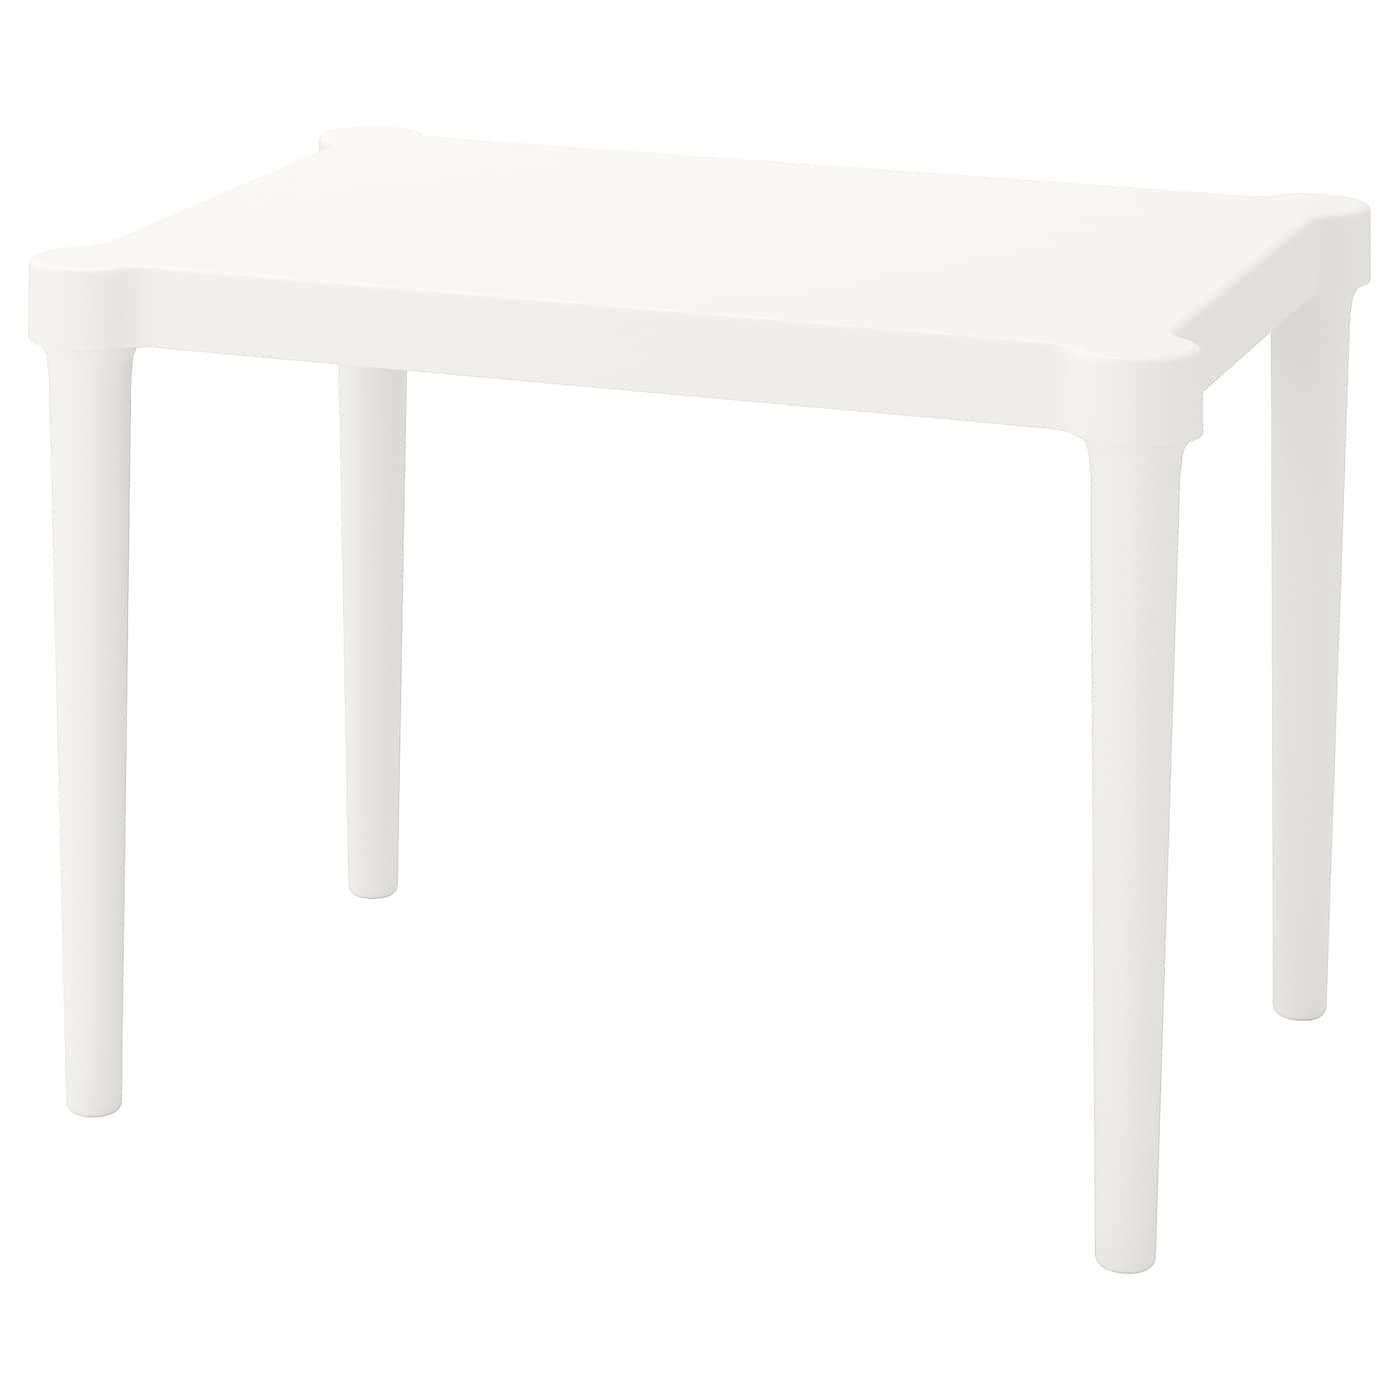 IKEA UTTER biały stolik dziecięcy, do wewnątrz lub na zewnątrz, 58x42x43 cm